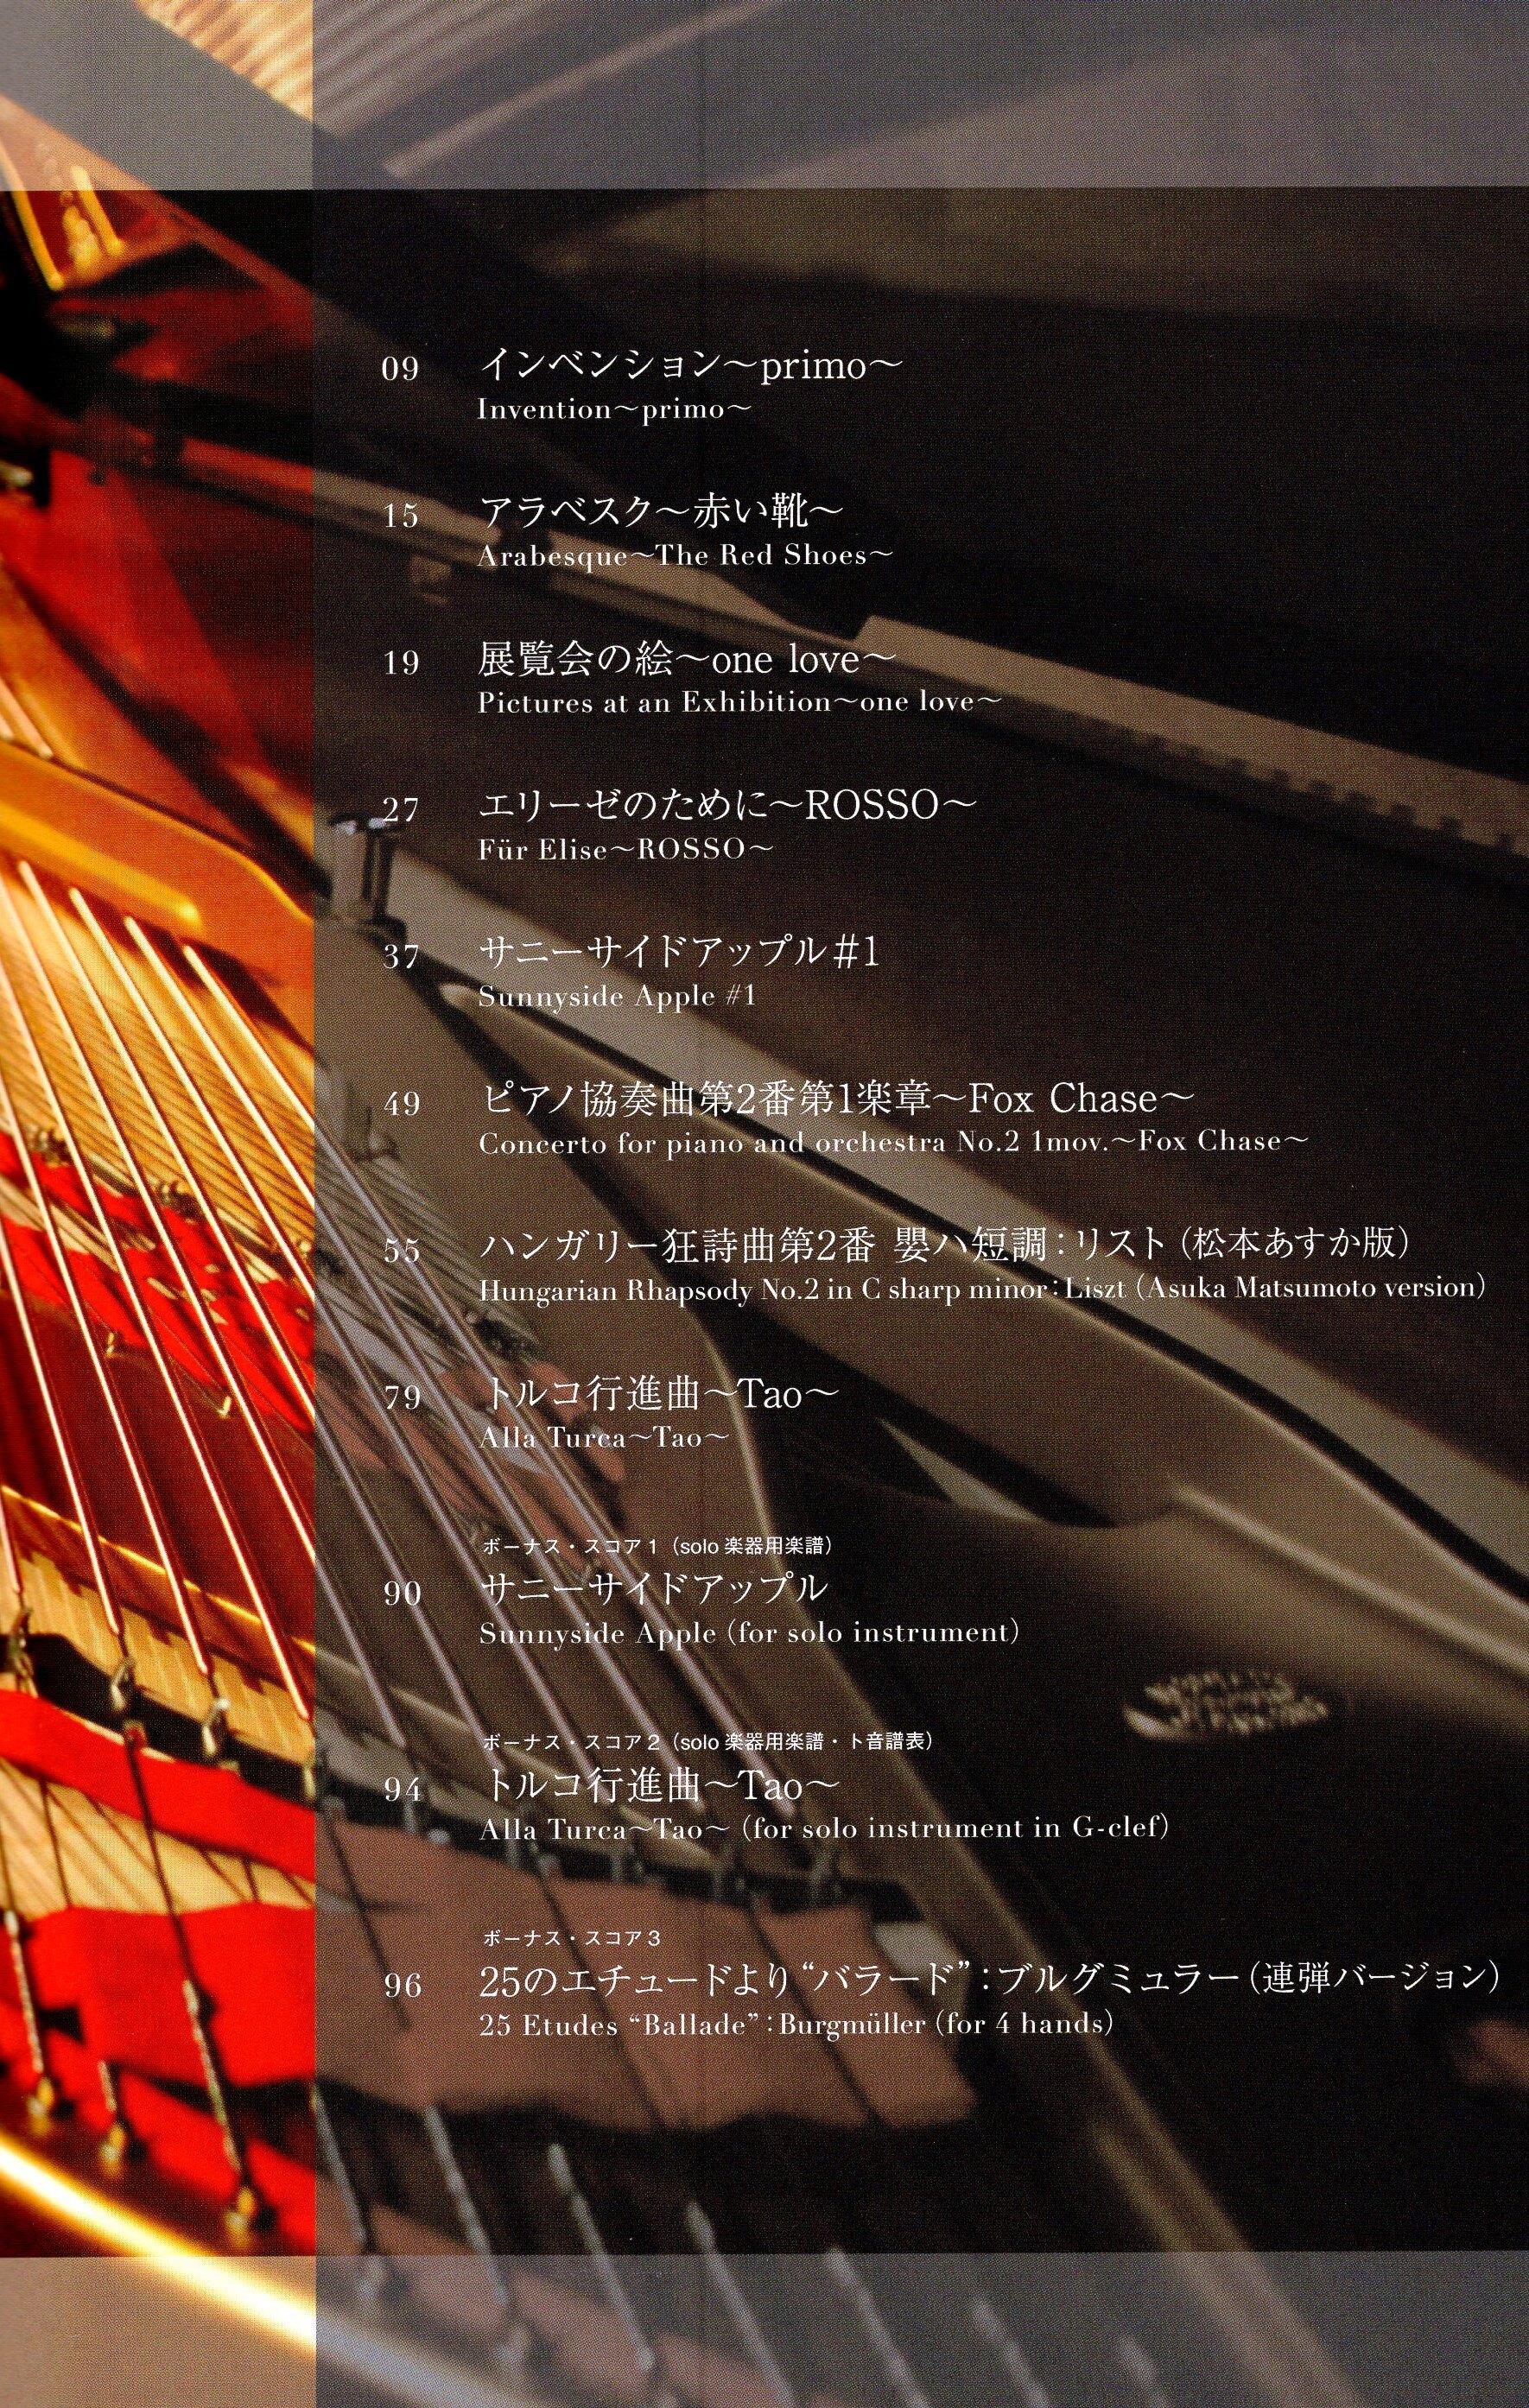 【獨奏鋼琴樂譜】松本あすか Piano Espressivo